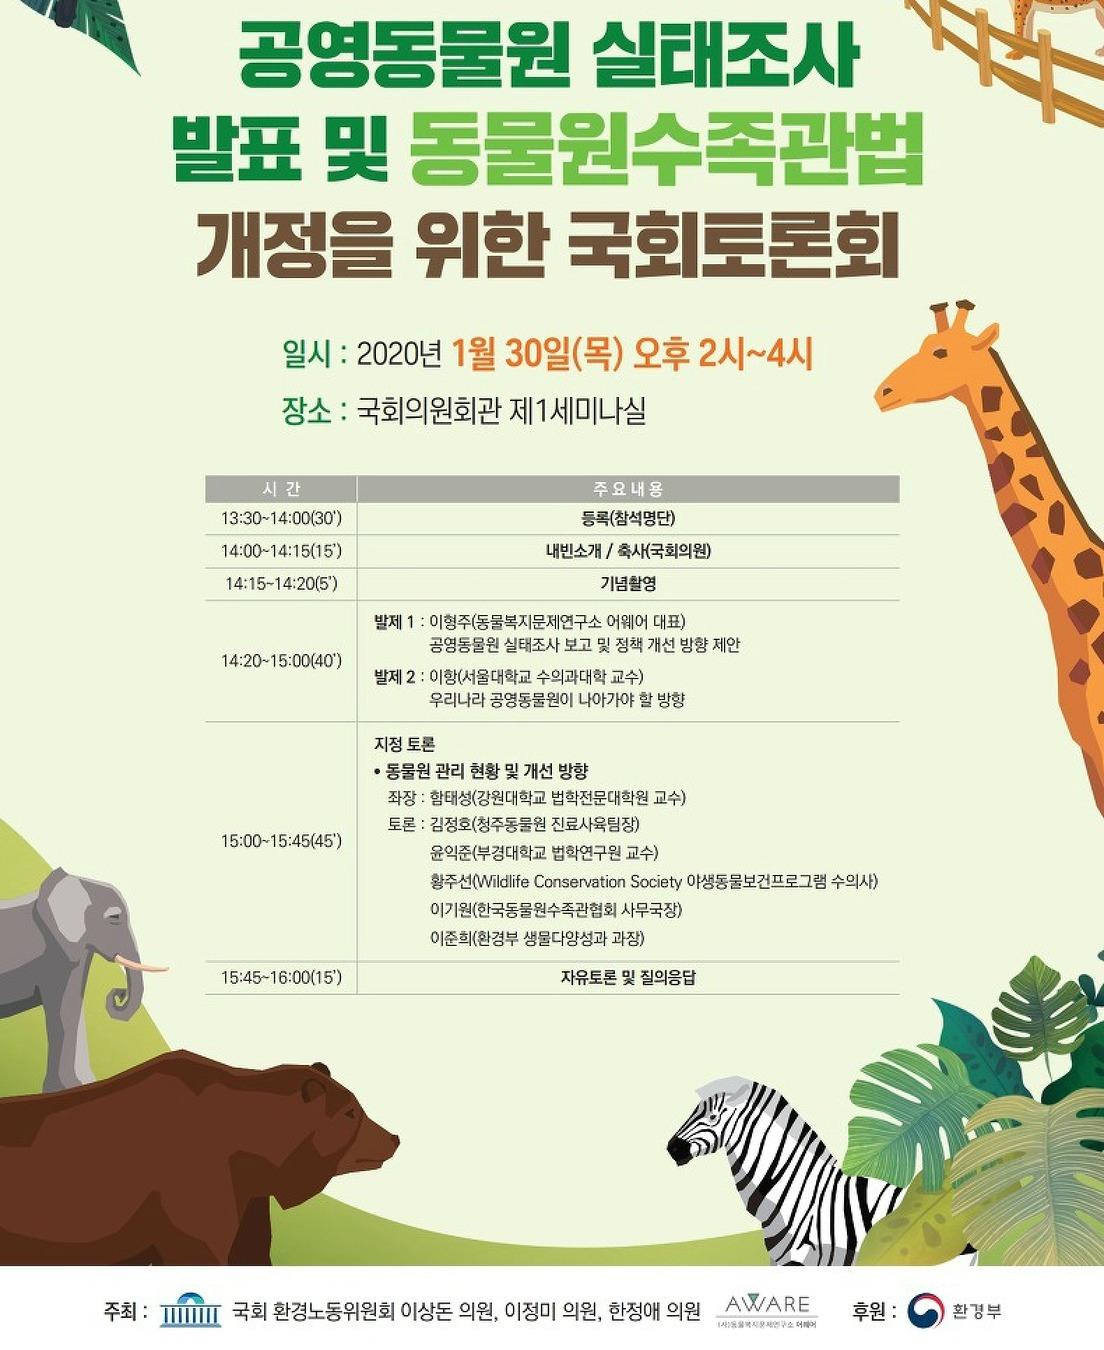 [토론회] 공영동물원 실태조사 발표 및 동물원수족관법 개정을 위한 국회 토론회 개최